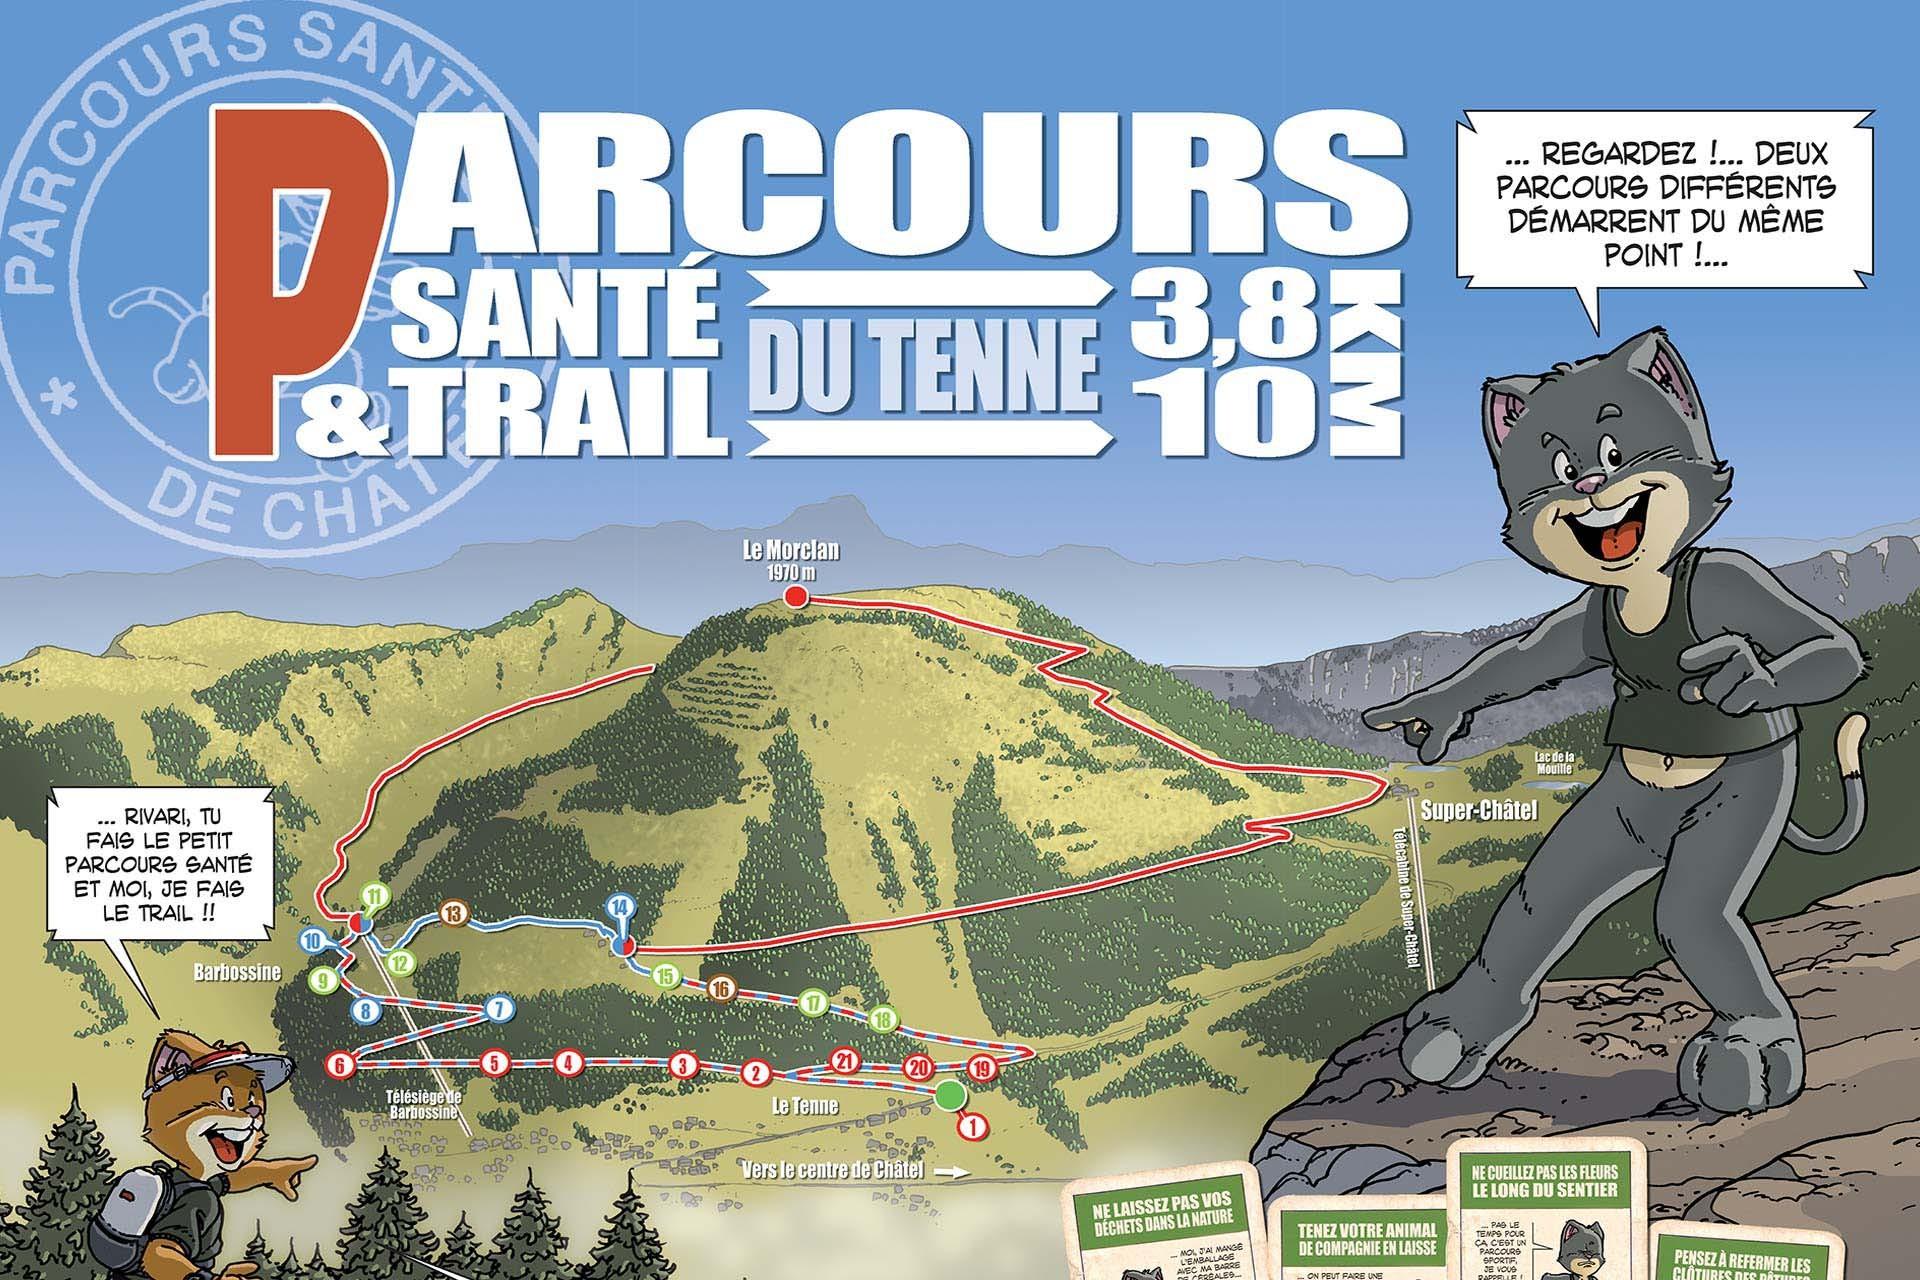 Parcours Santé & Trail